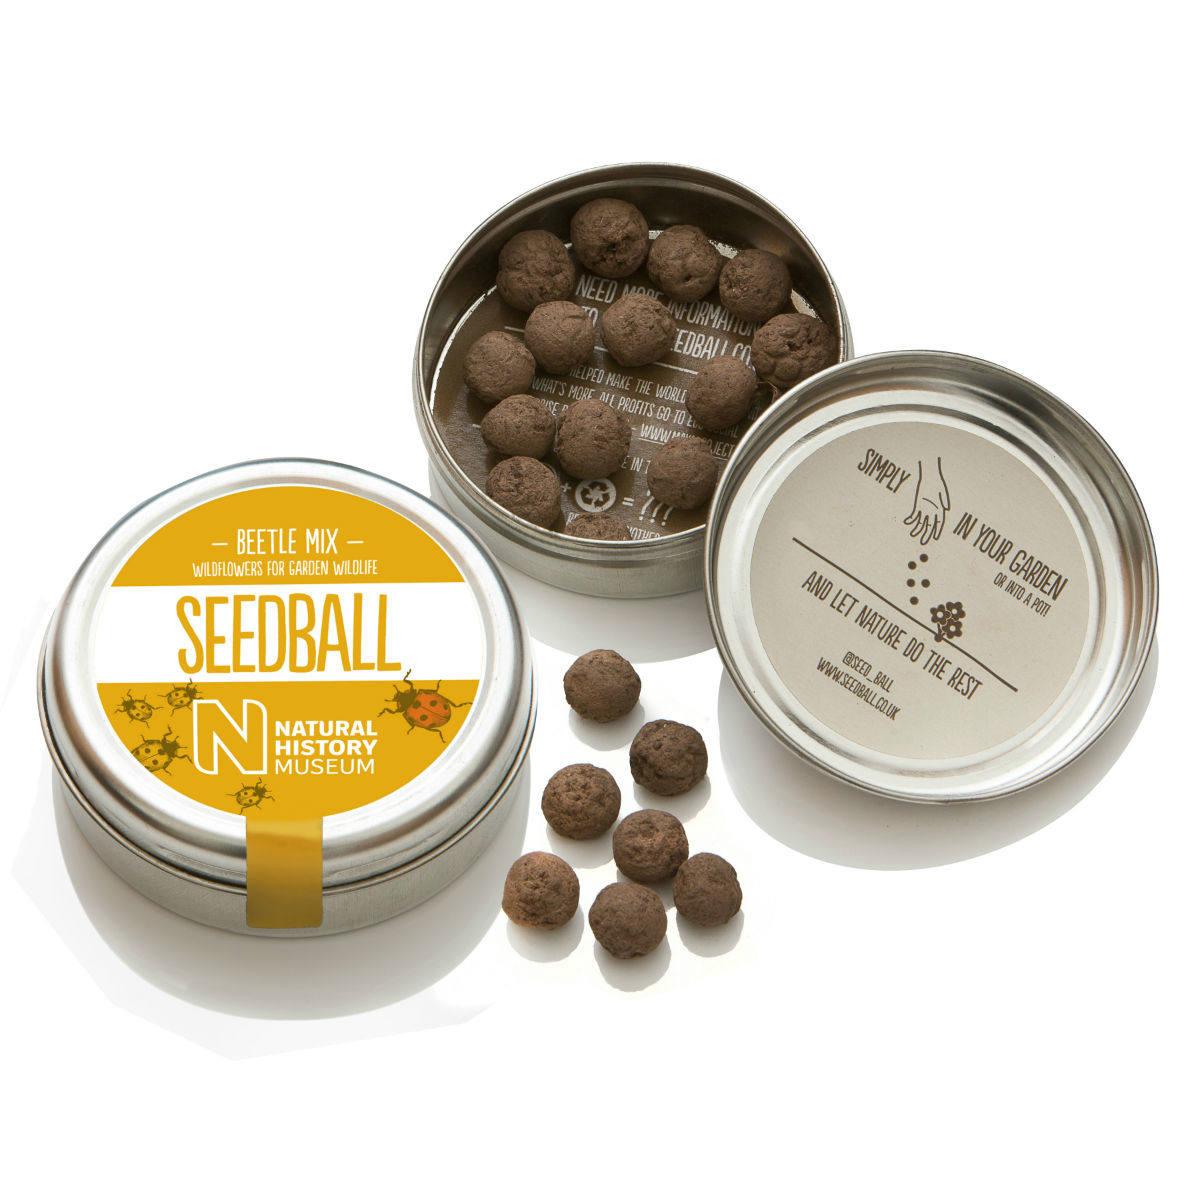 Seedball Beetle Mix | Seedball | Restoration Yard